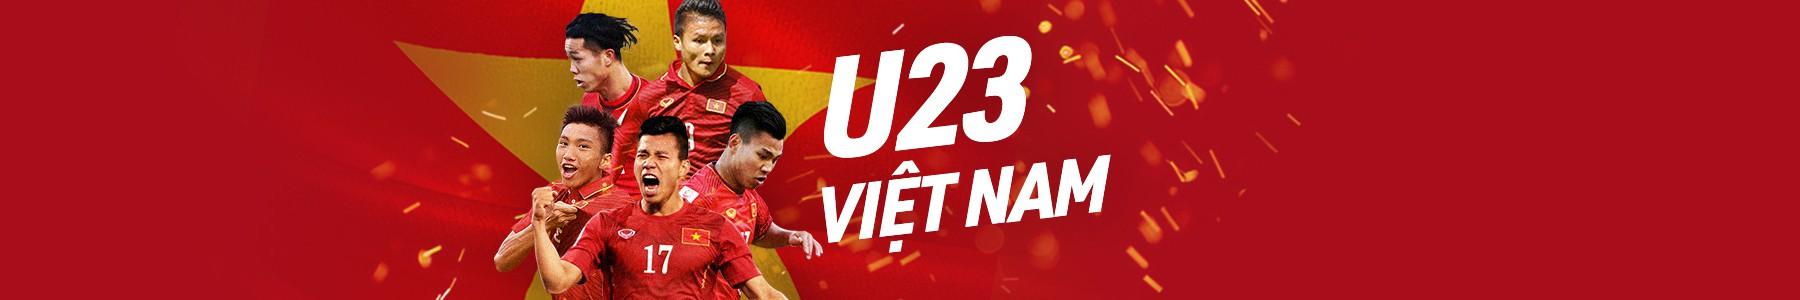 chung kết U23 Việt Nam đại chiến U23 Uzbekistan